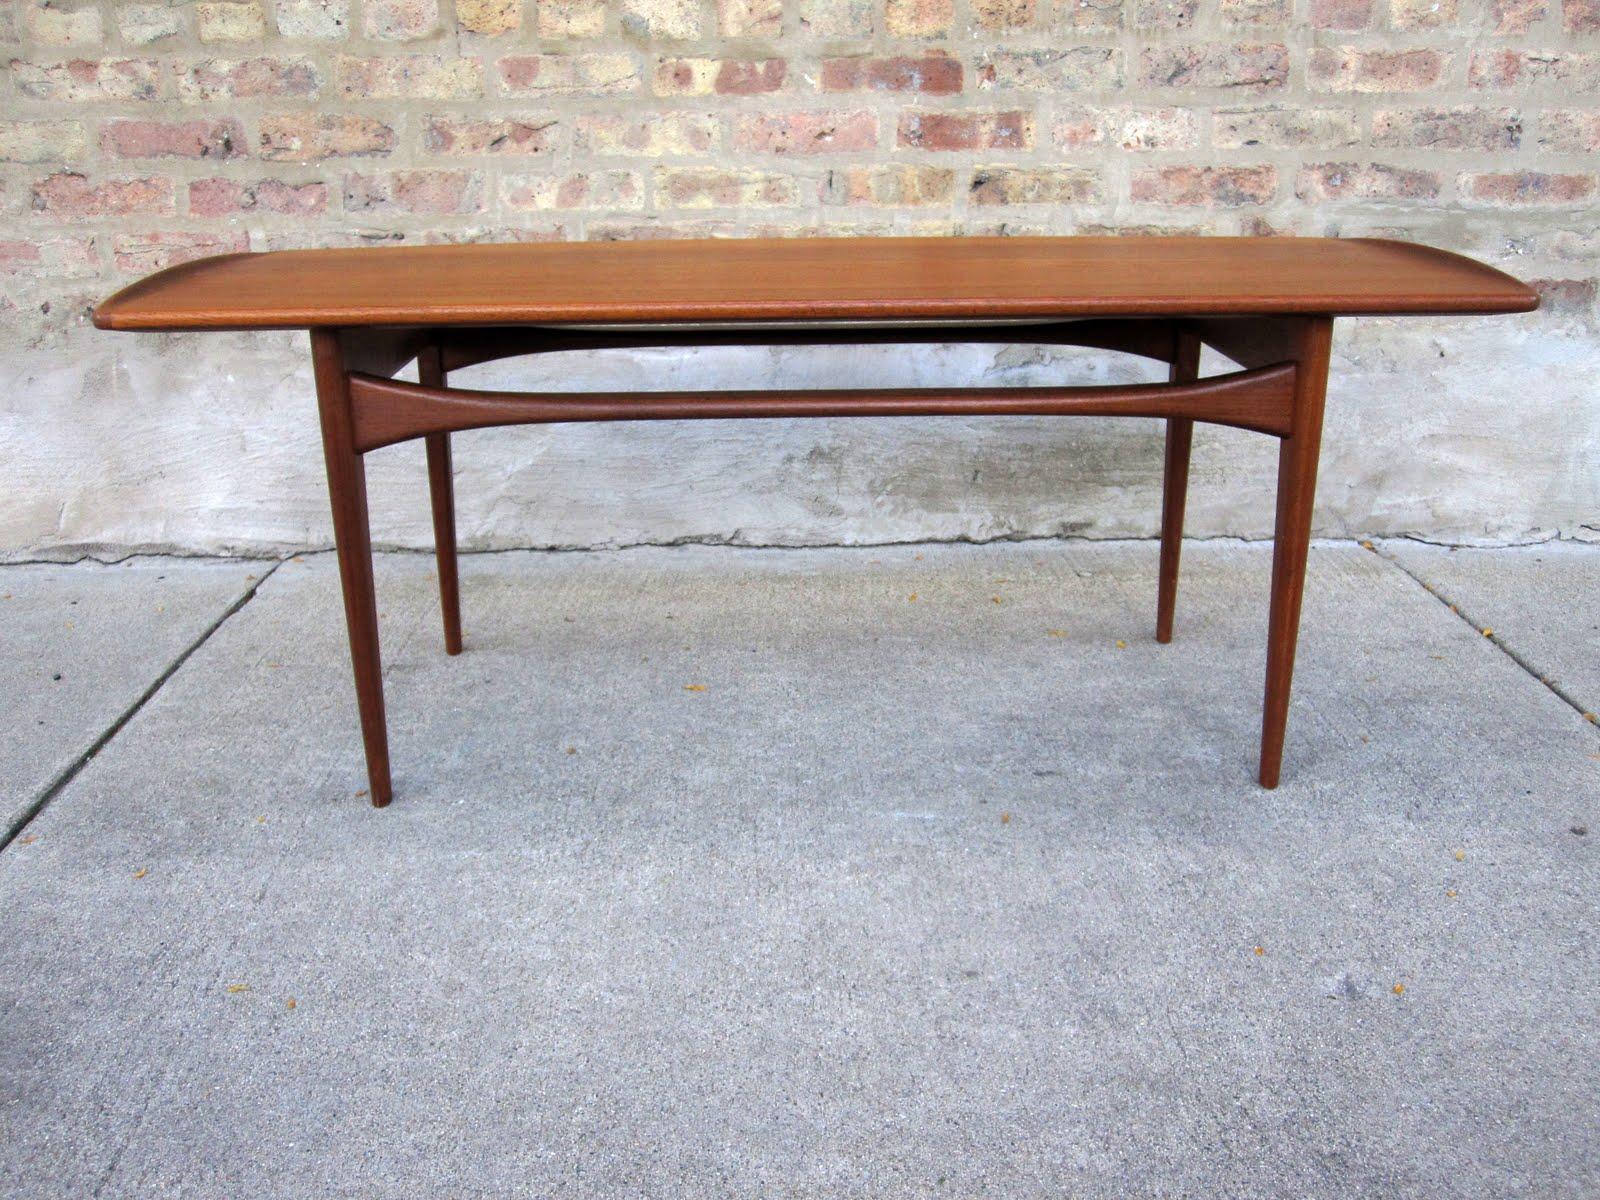 circa midcentury: 'finn juhl' teak coffee table